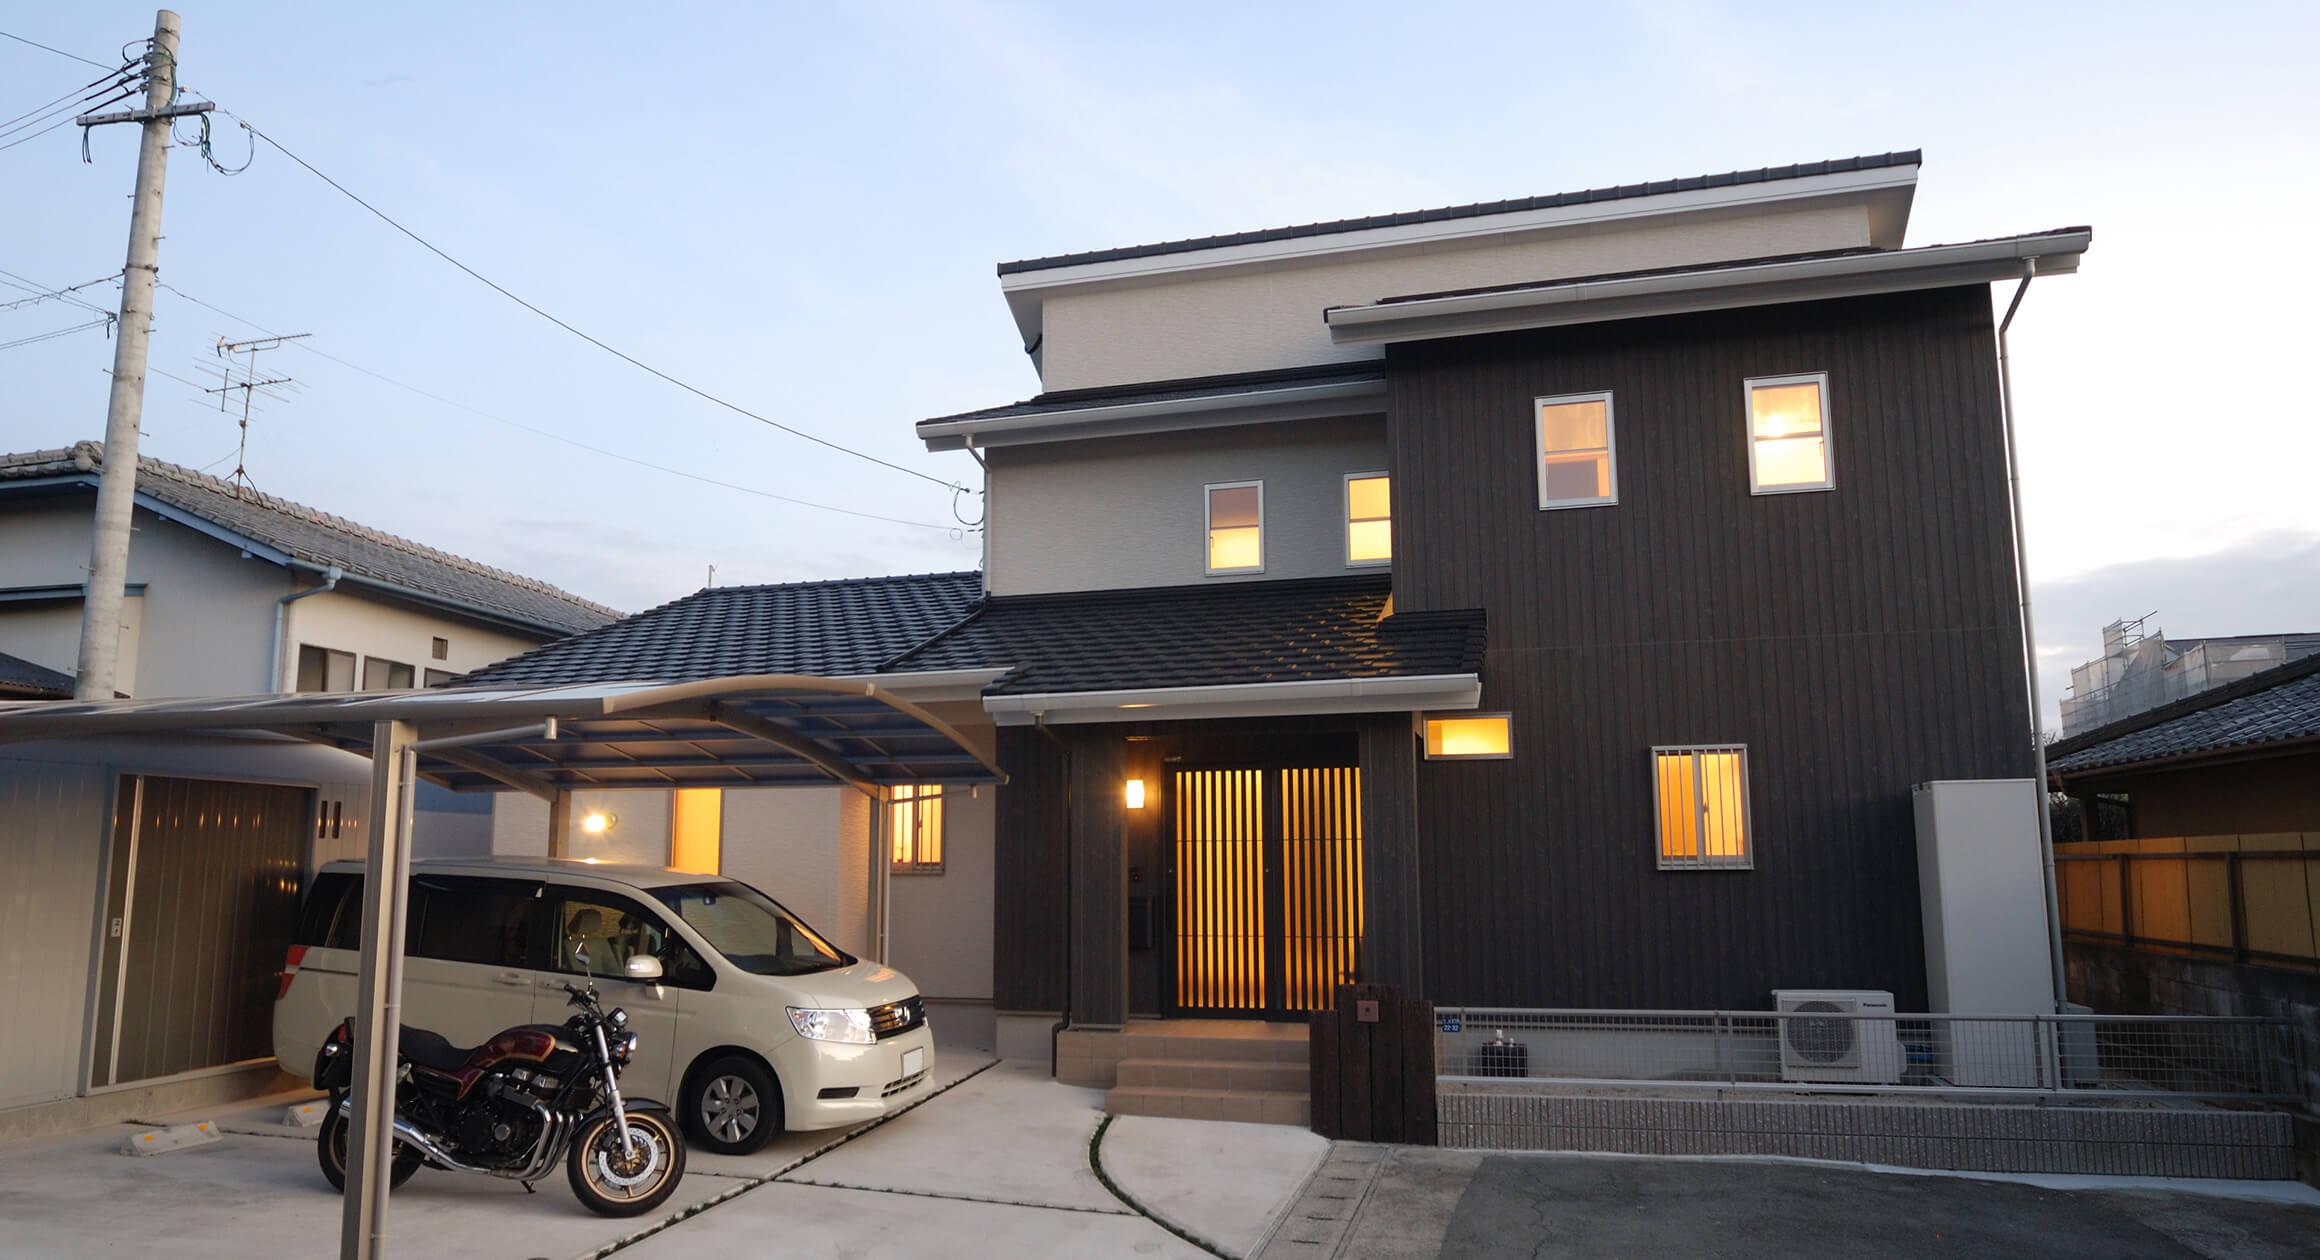 三友工務店の注文住宅 熊本市H様邸